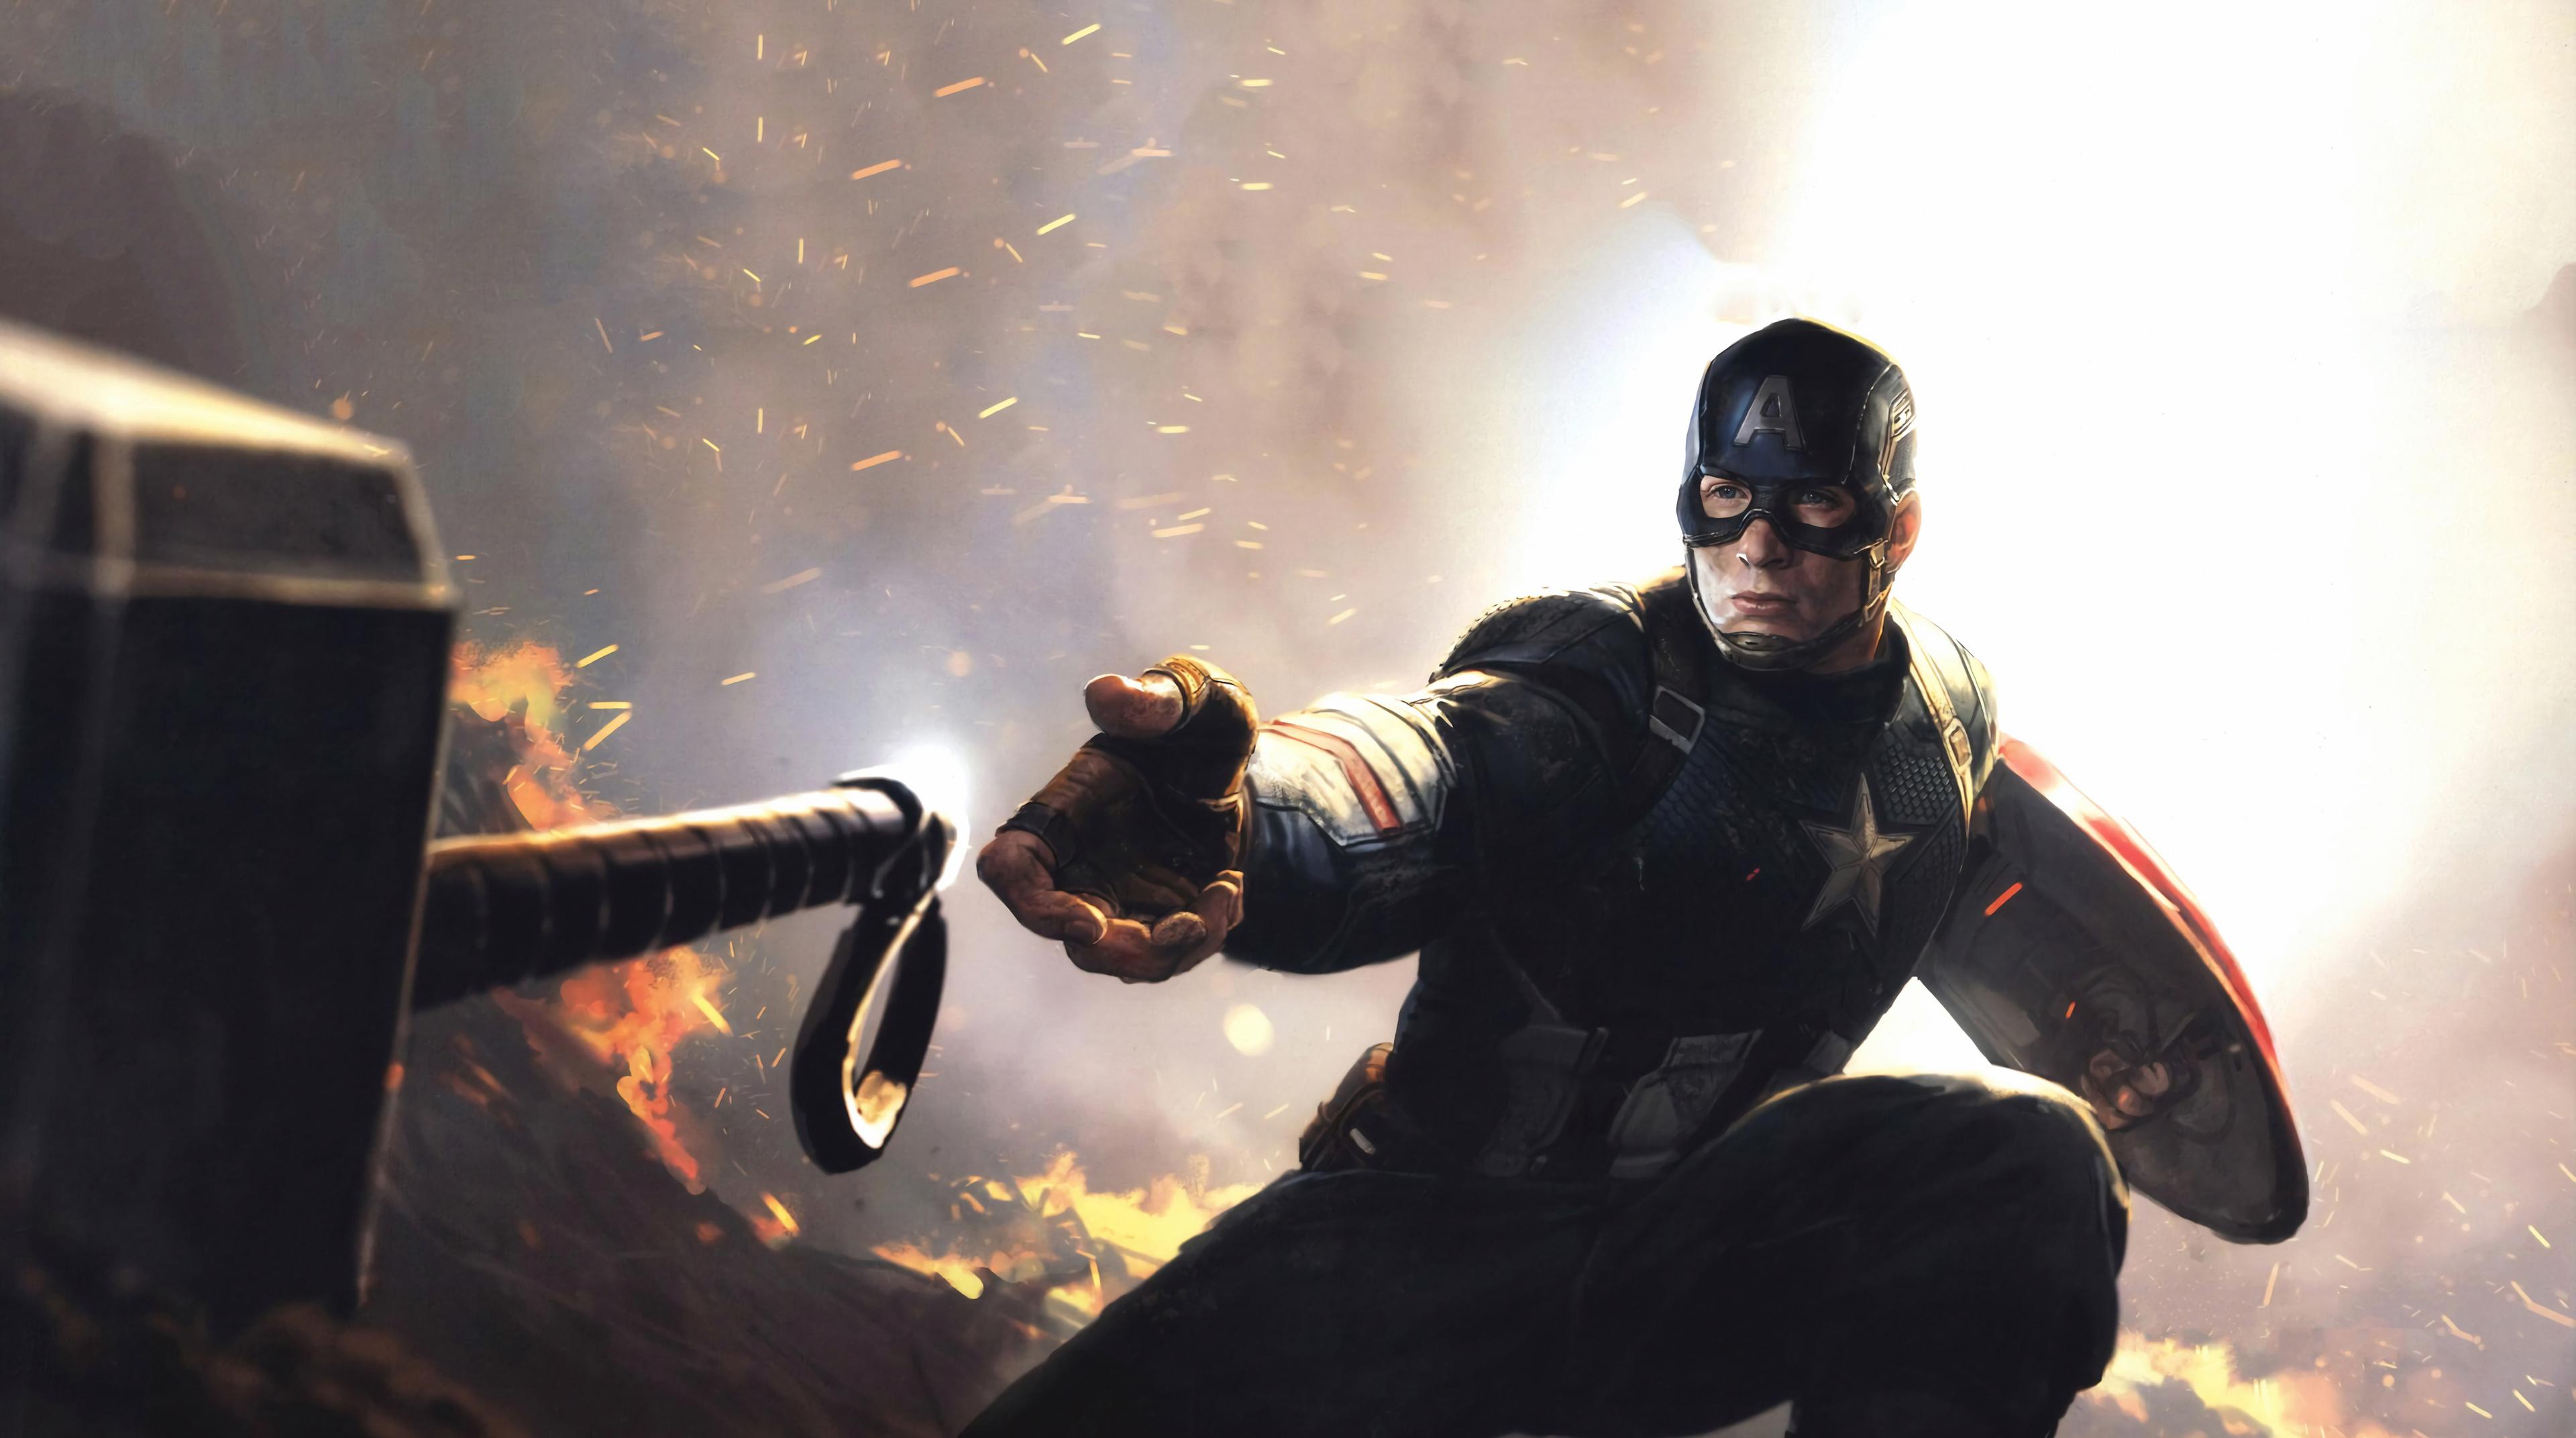 4k Captain America Mjolnir Avengers Endgame 2019, HD ...